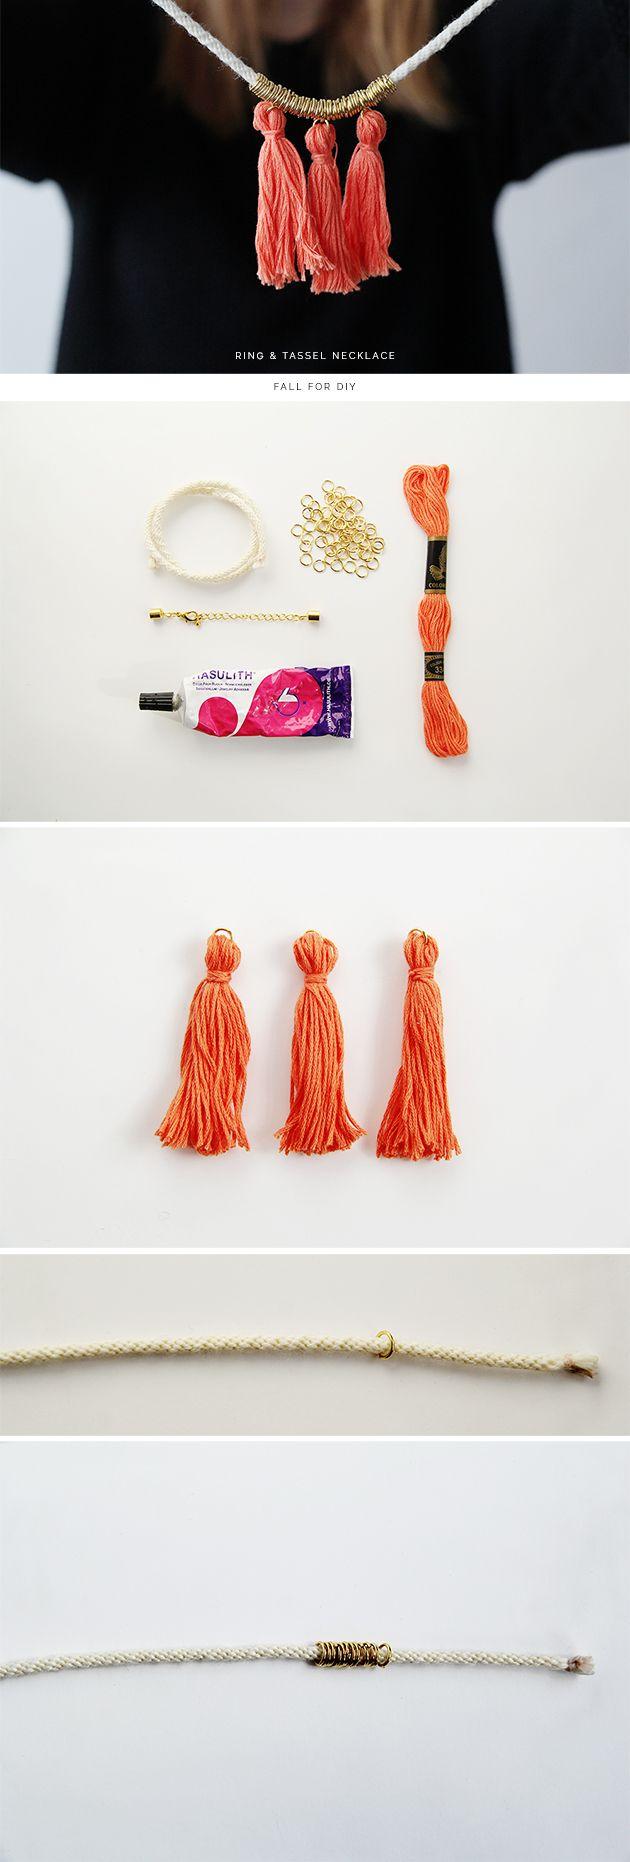 Fall For DIY Cord and Tassel Necklace tutorial via @Francesca Galafti Galafti Galafti Stone